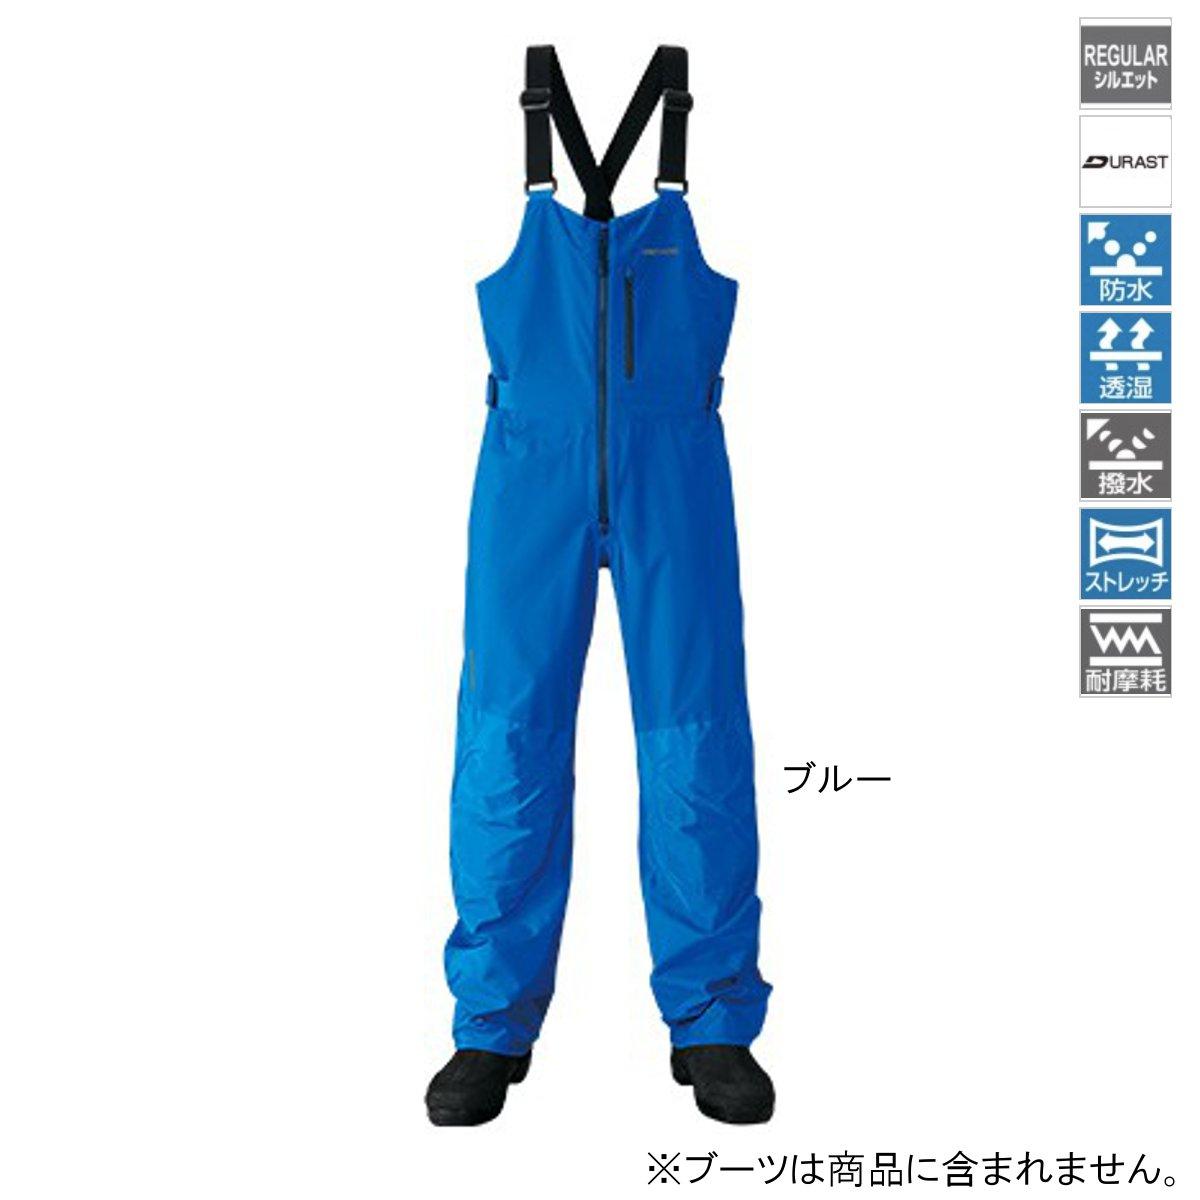 シマノ XEFO・DURASTレインビブ RA-26PS 2XL ブルー【送料無料】